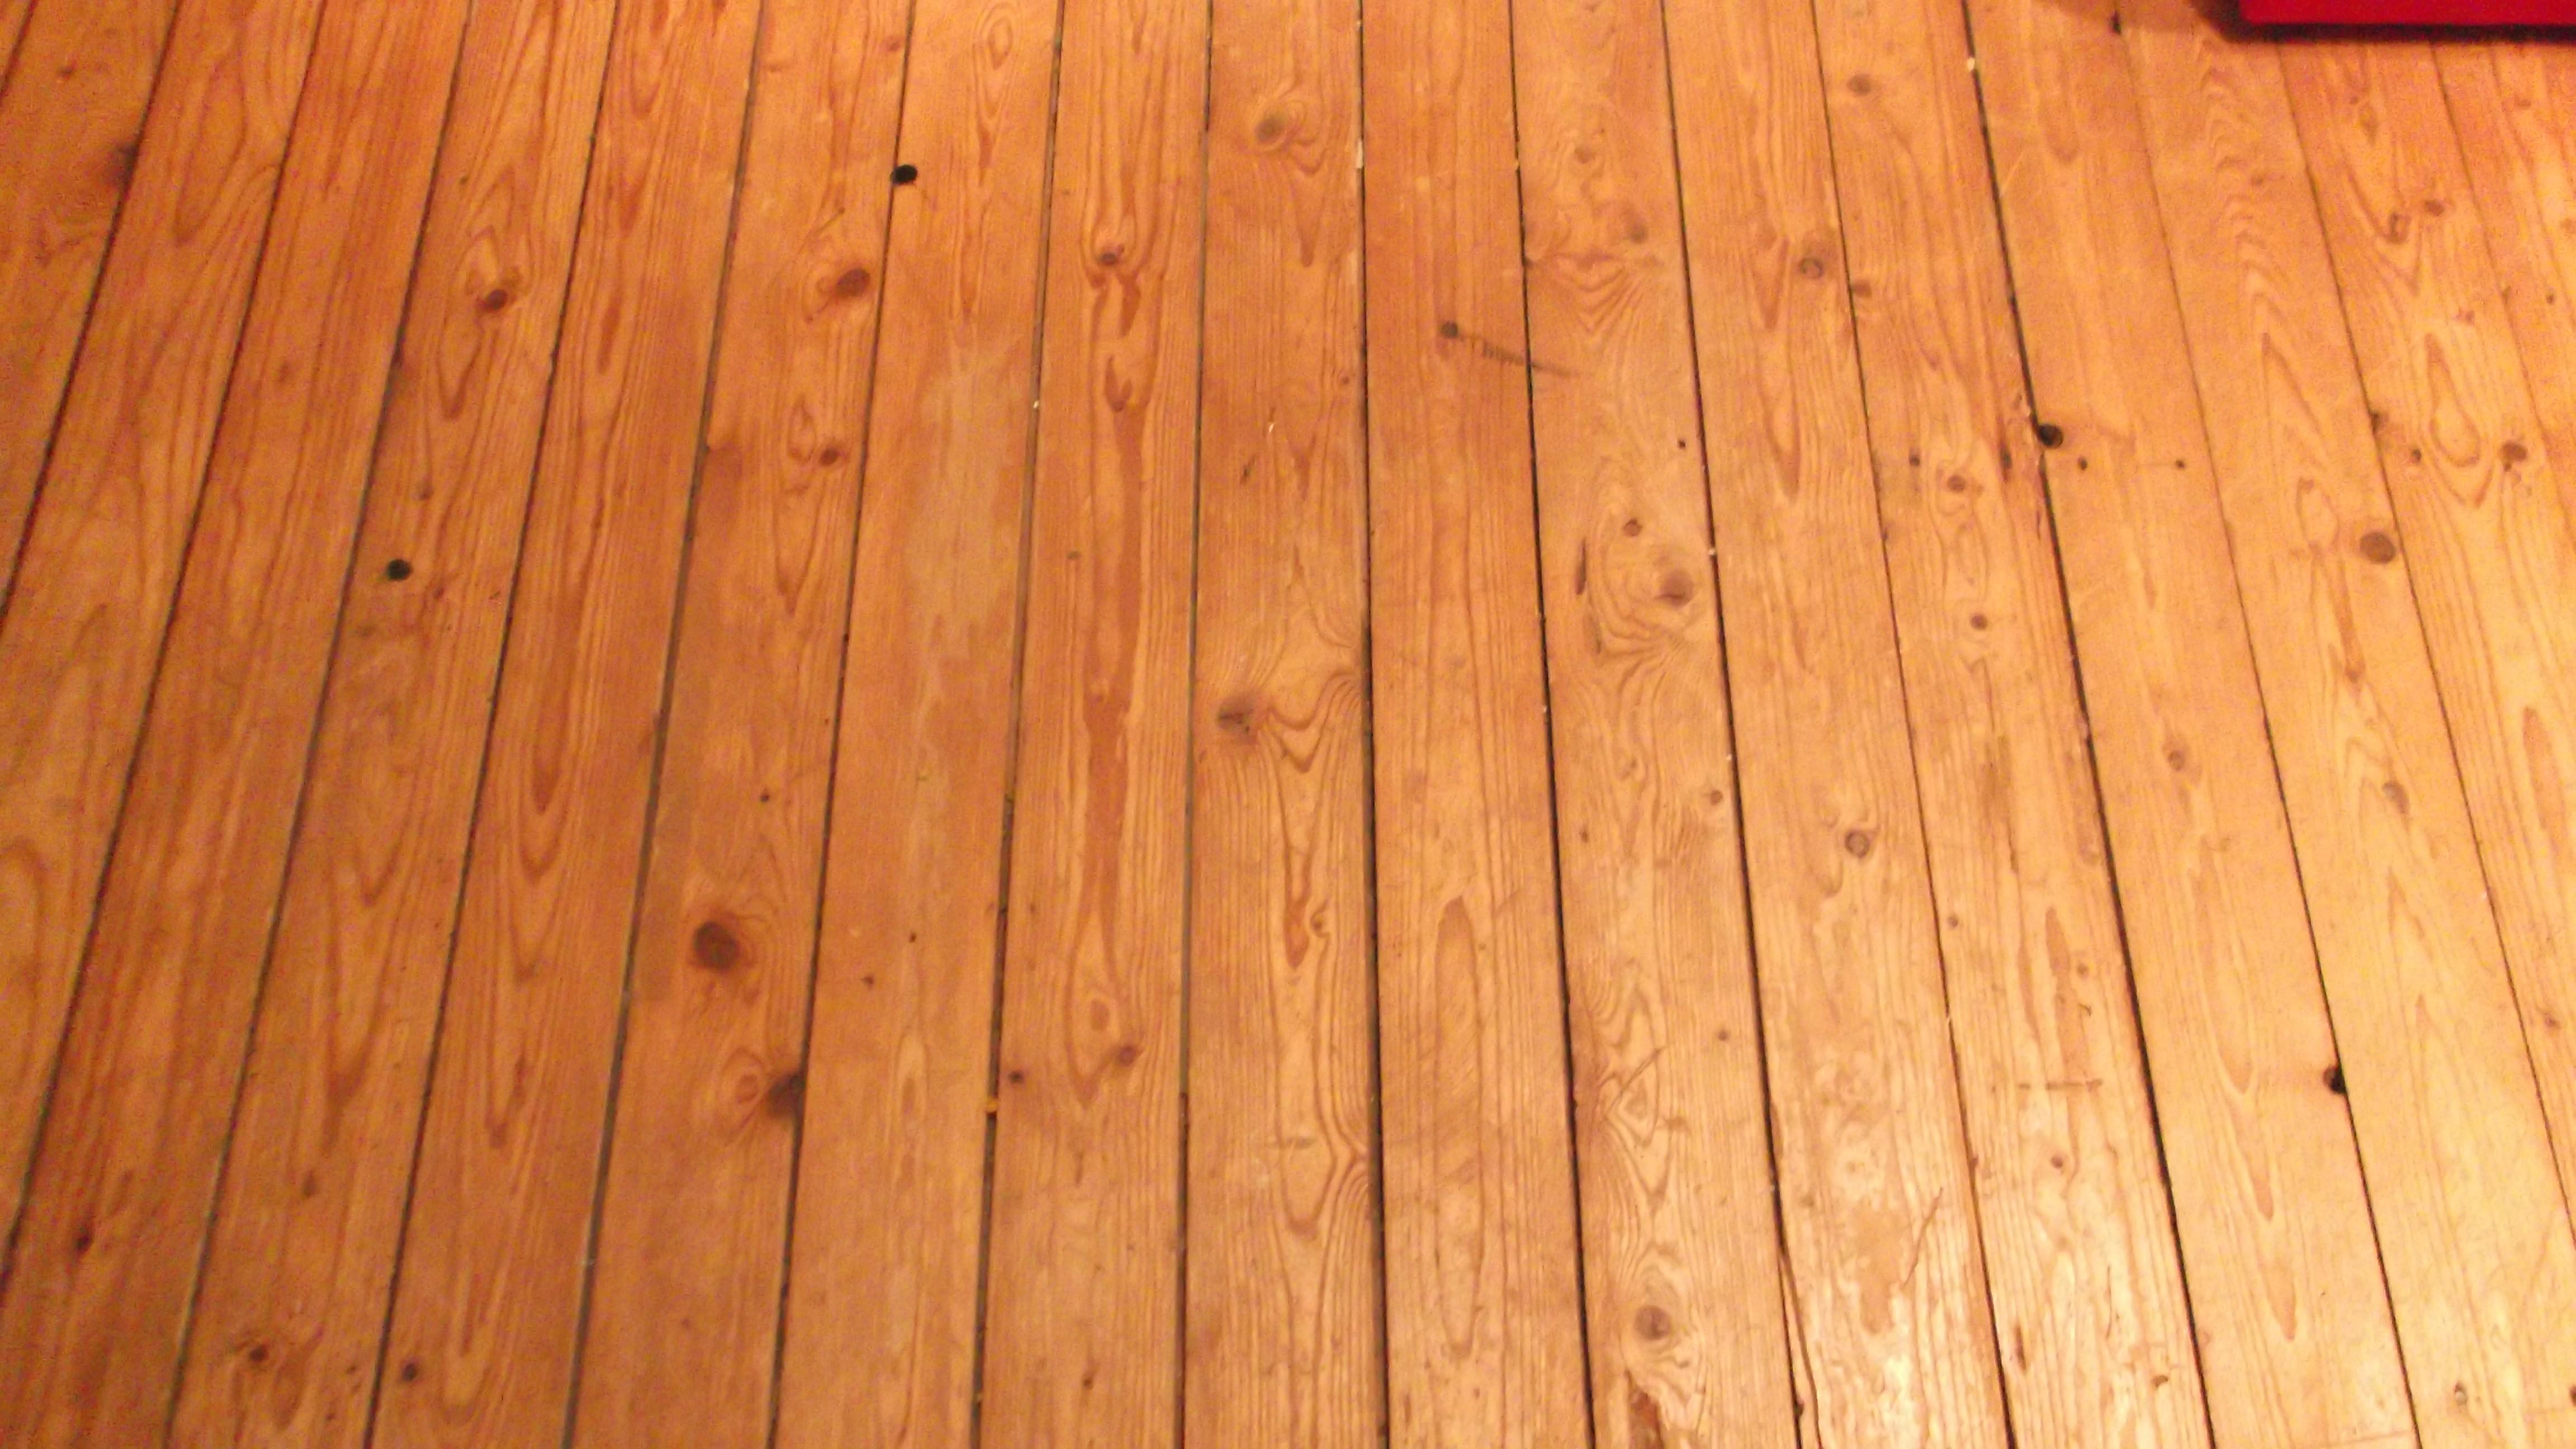 Welche Vorbereitungen Sind Nötig Für Fliesenlegen Auf Holzboden - Badezimmer fliesen legen